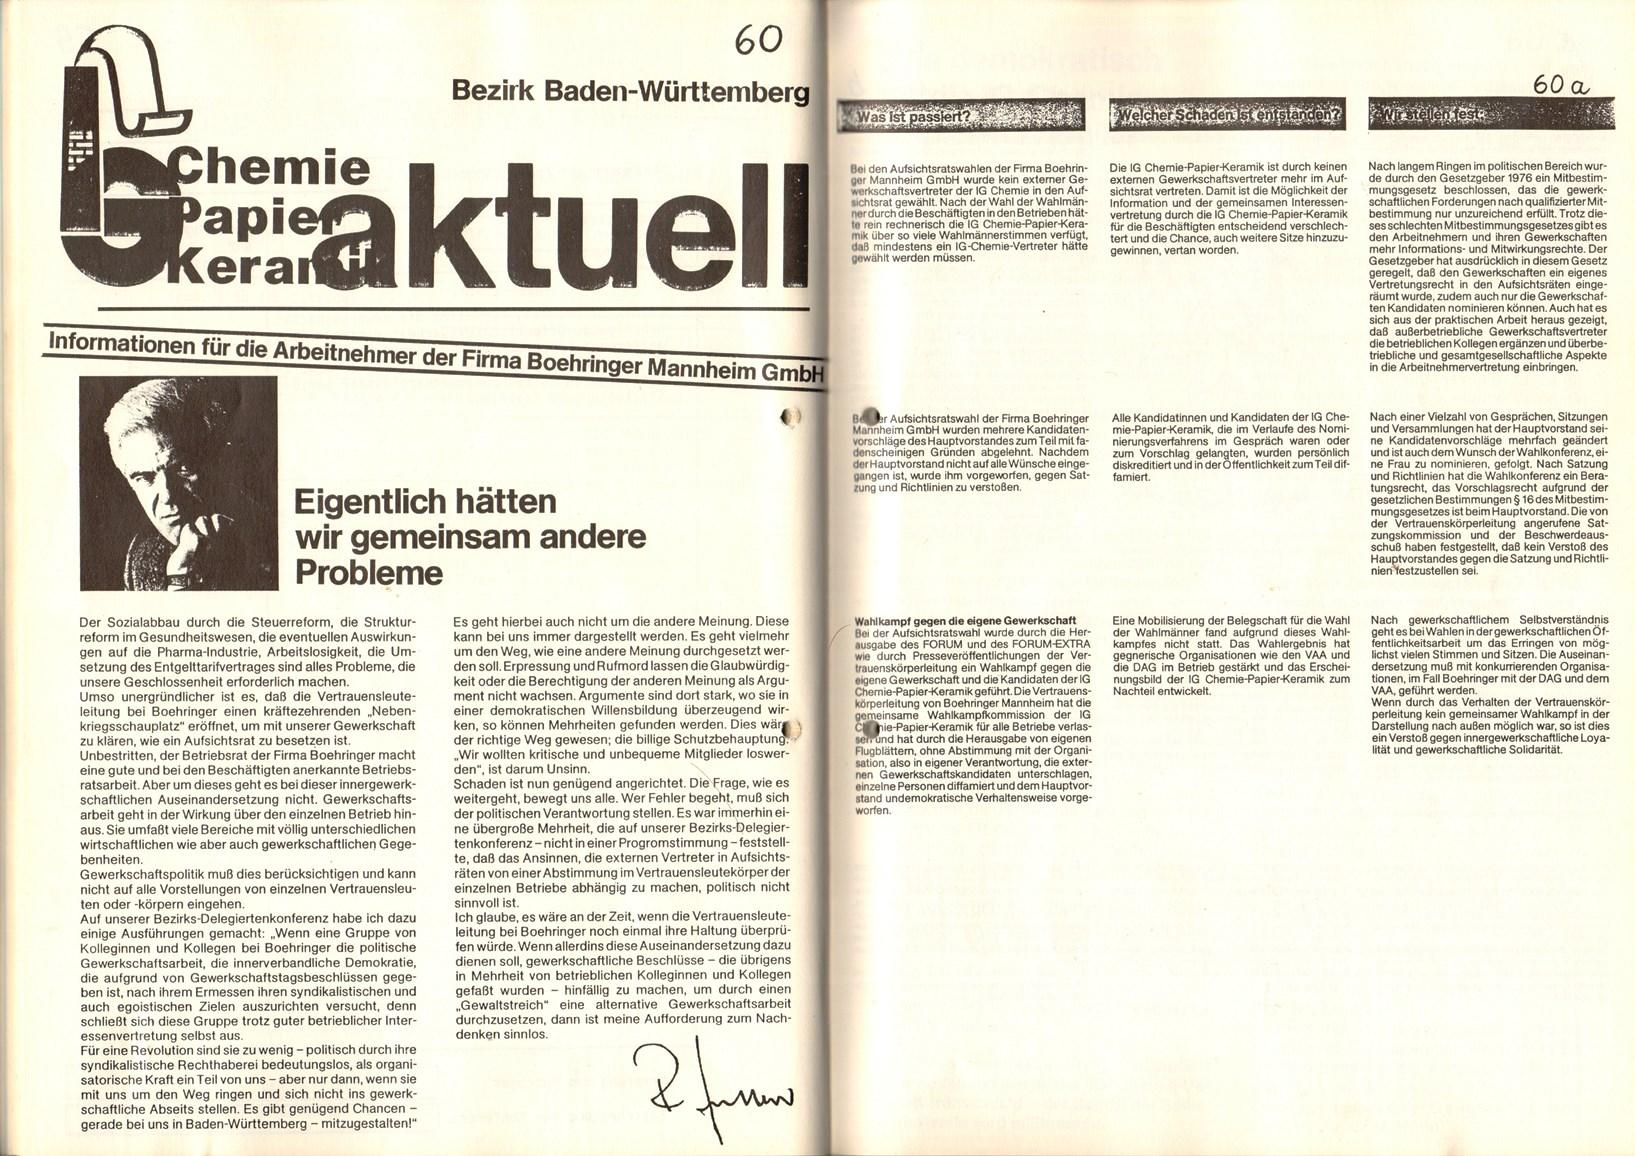 Mannheim_Boehringer_Ausschluss_VKL_Doku1_1988_54